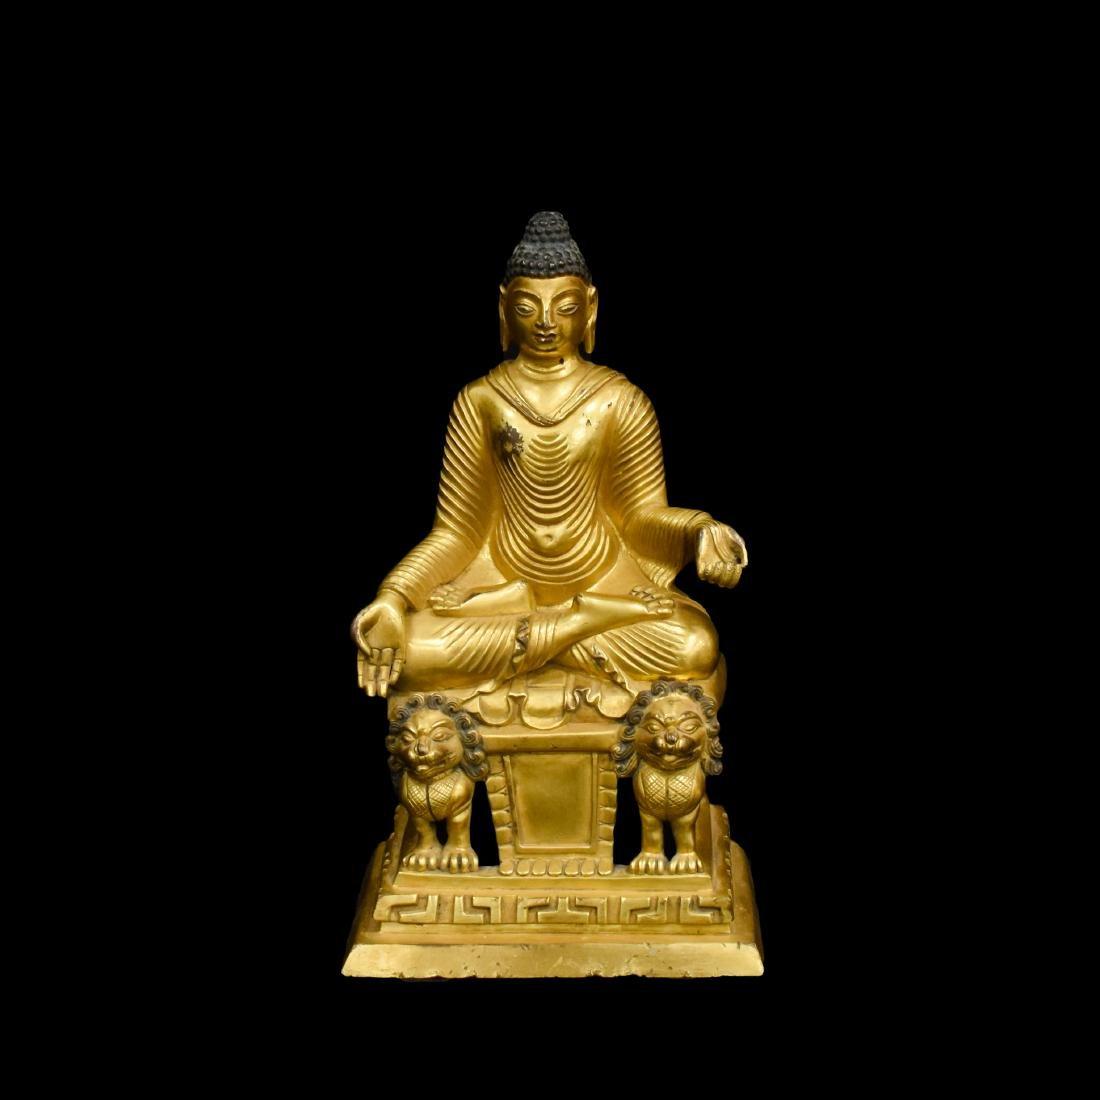 GILT BRONZE MAITREYA BUDDHA ON LION PEDESTAL